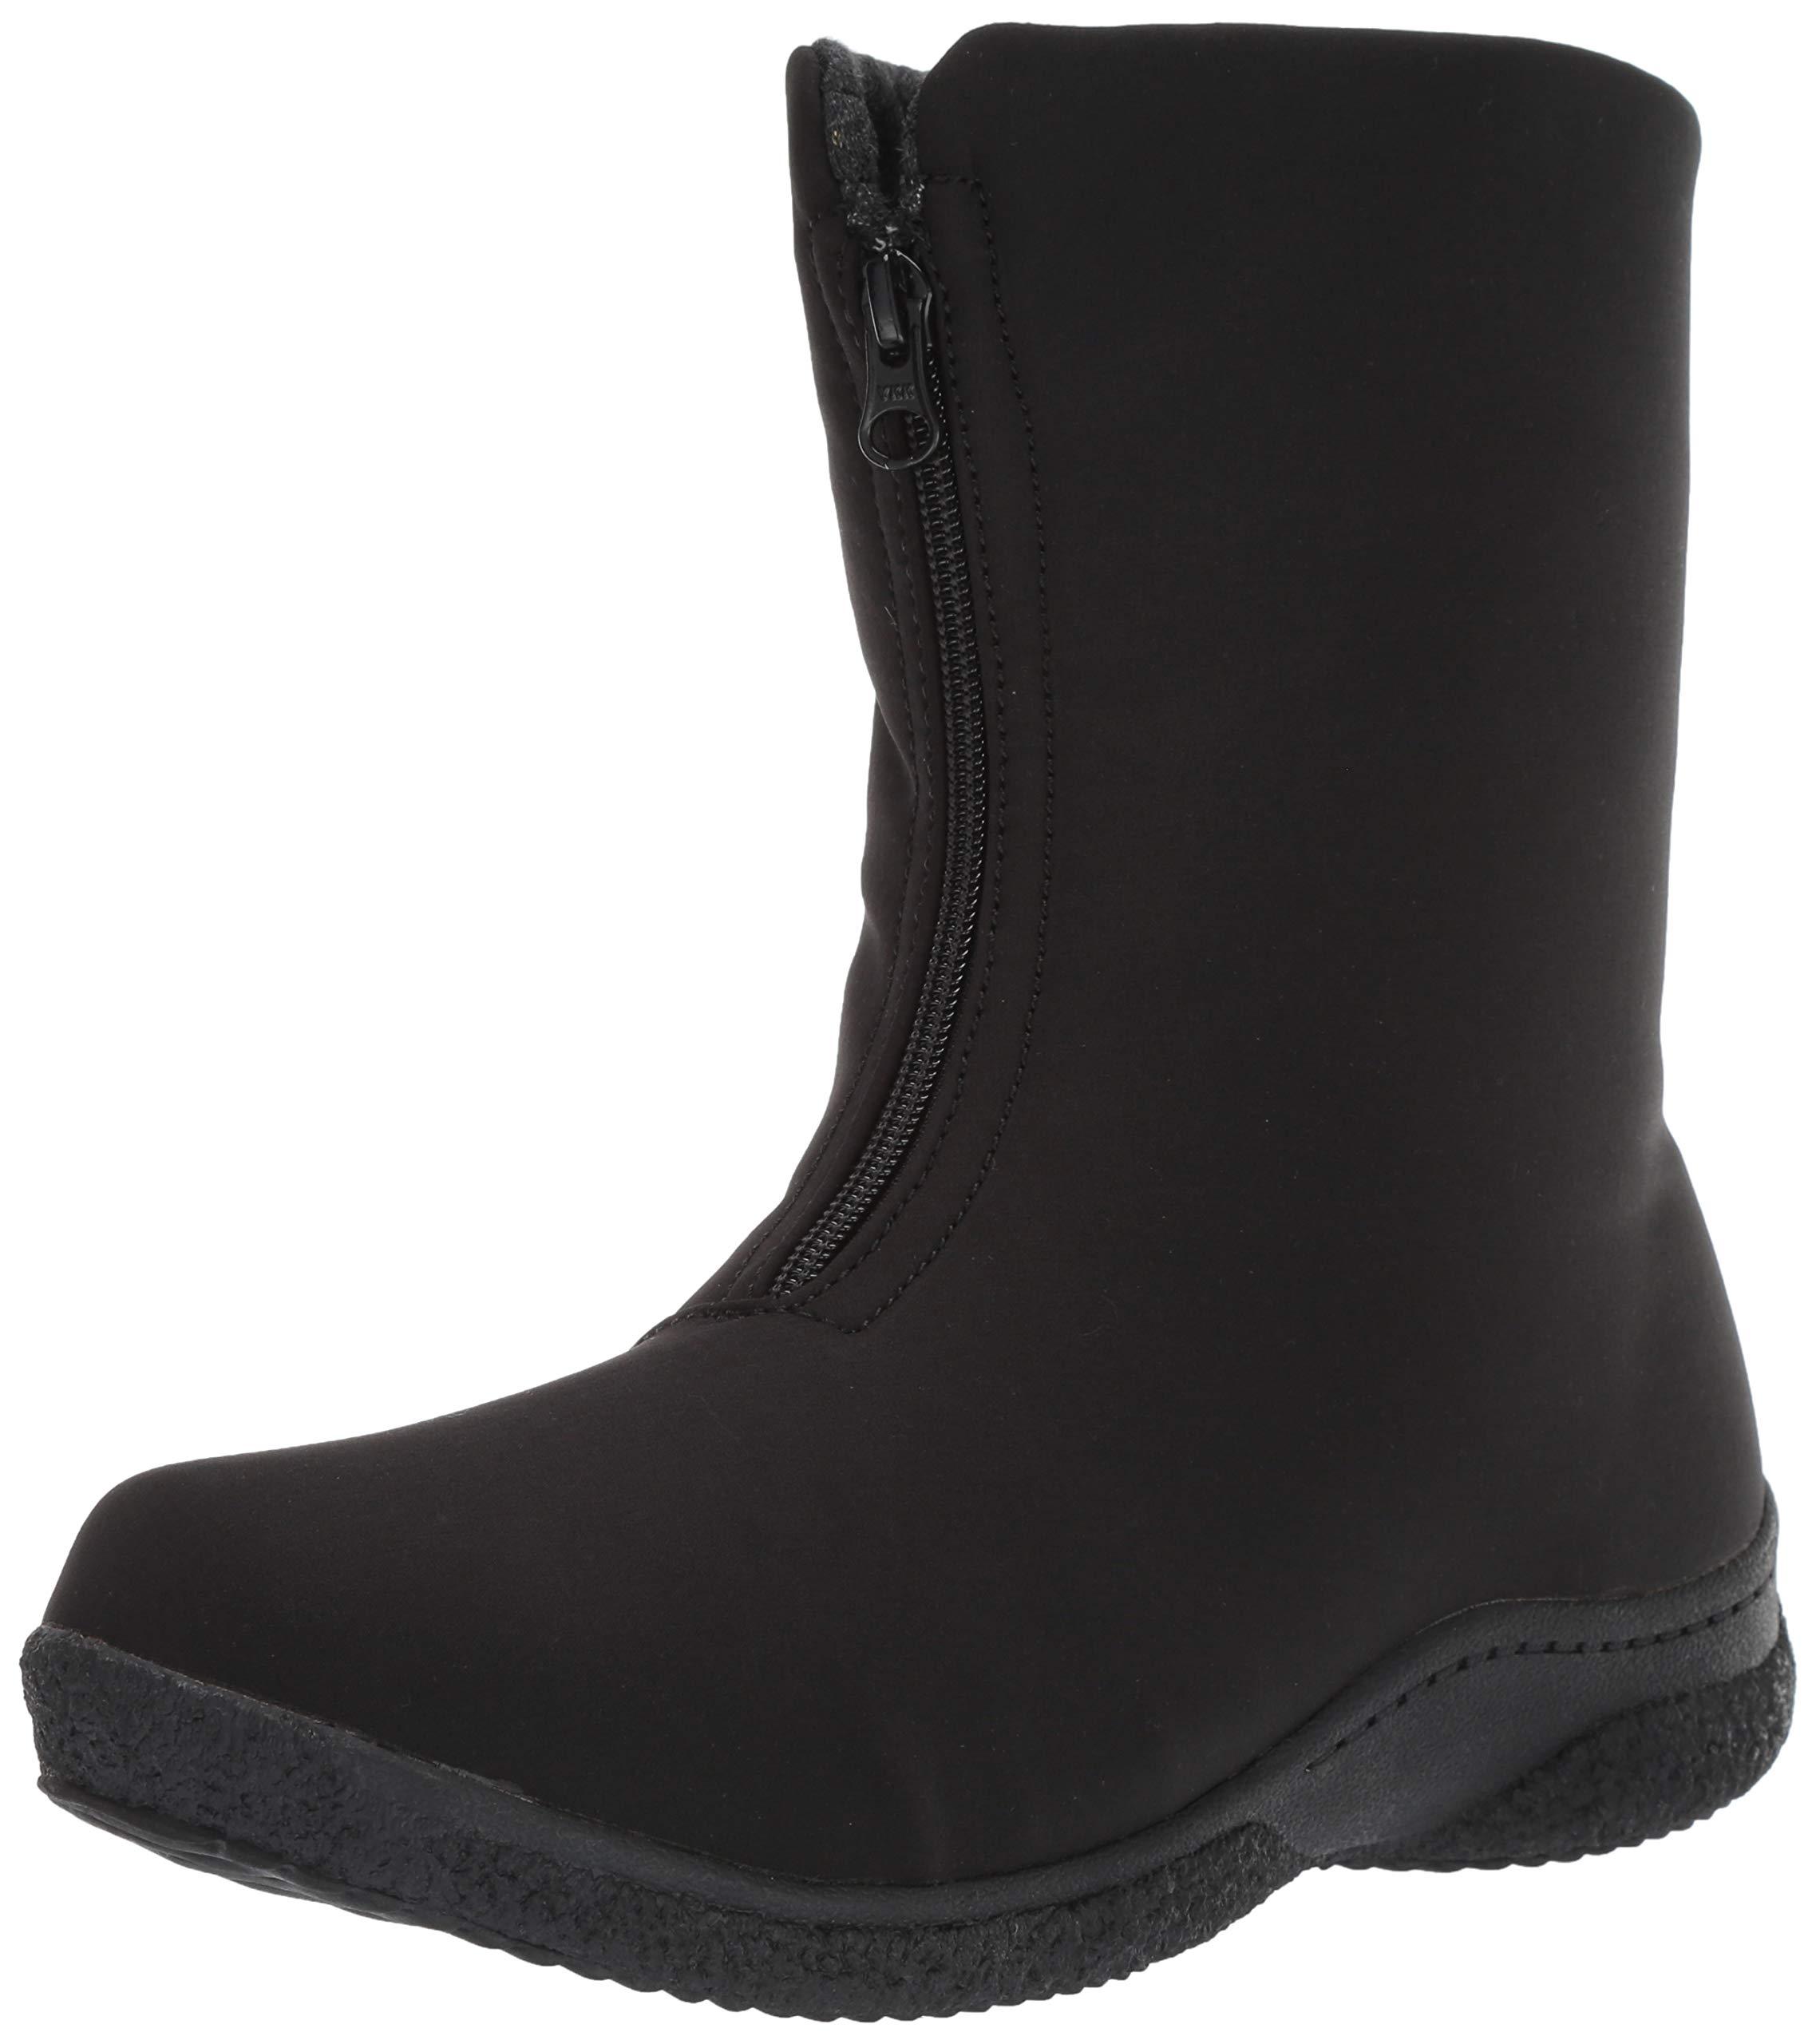 Propét Women's Madi Mid Zip Snow Boot